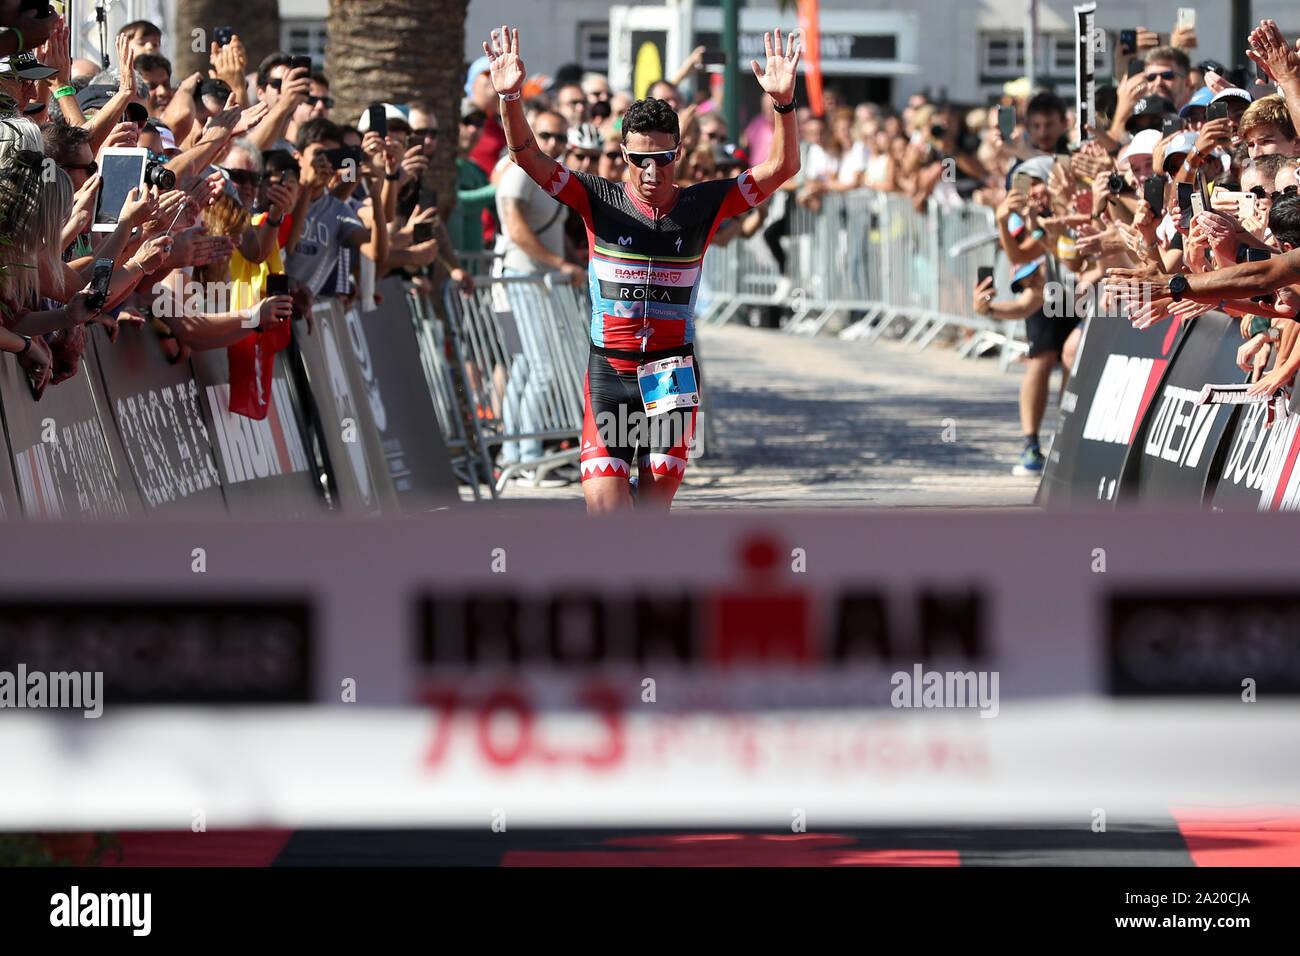 Lissabon. 29 Sep, 2019. Javier Gomez Noya Spanien reagiert auf das Gewinnen der Ironman Triathlon Veranstaltung in Cascais, Portugal am 29. September 2019. Credit: Pedro Fiuza/Xinhua/Alamy leben Nachrichten Stockfoto